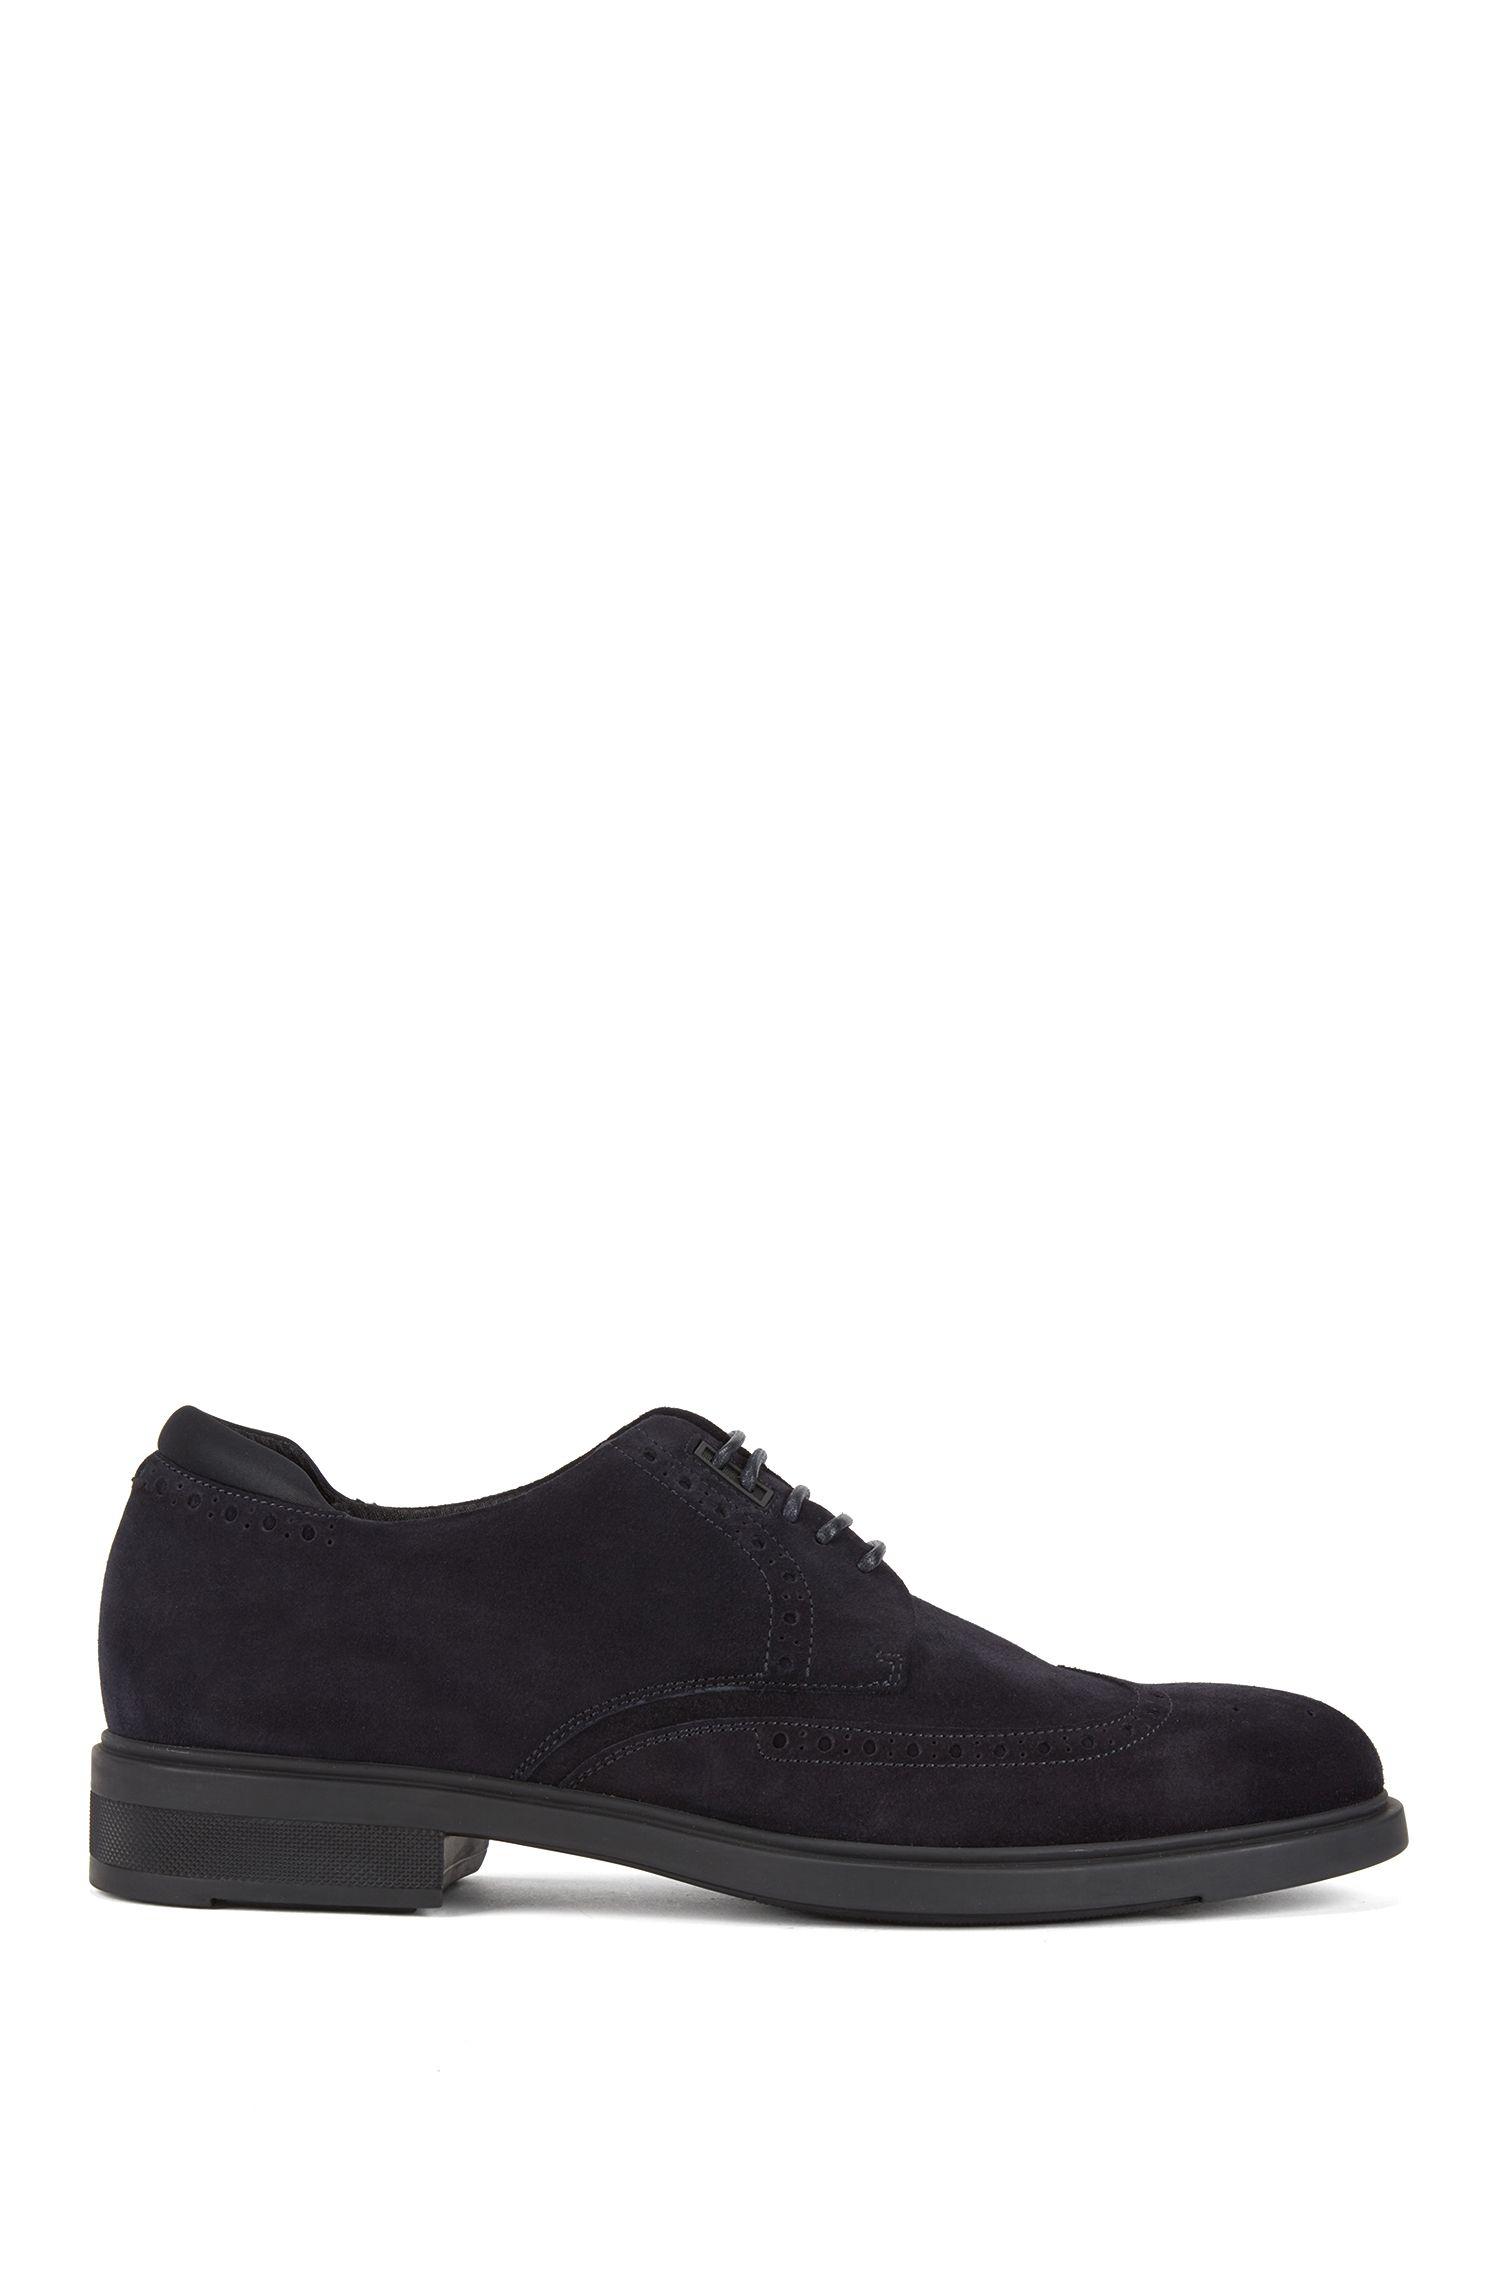 Zapatos Derby en ante impermeable con detalles calados, Azul oscuro